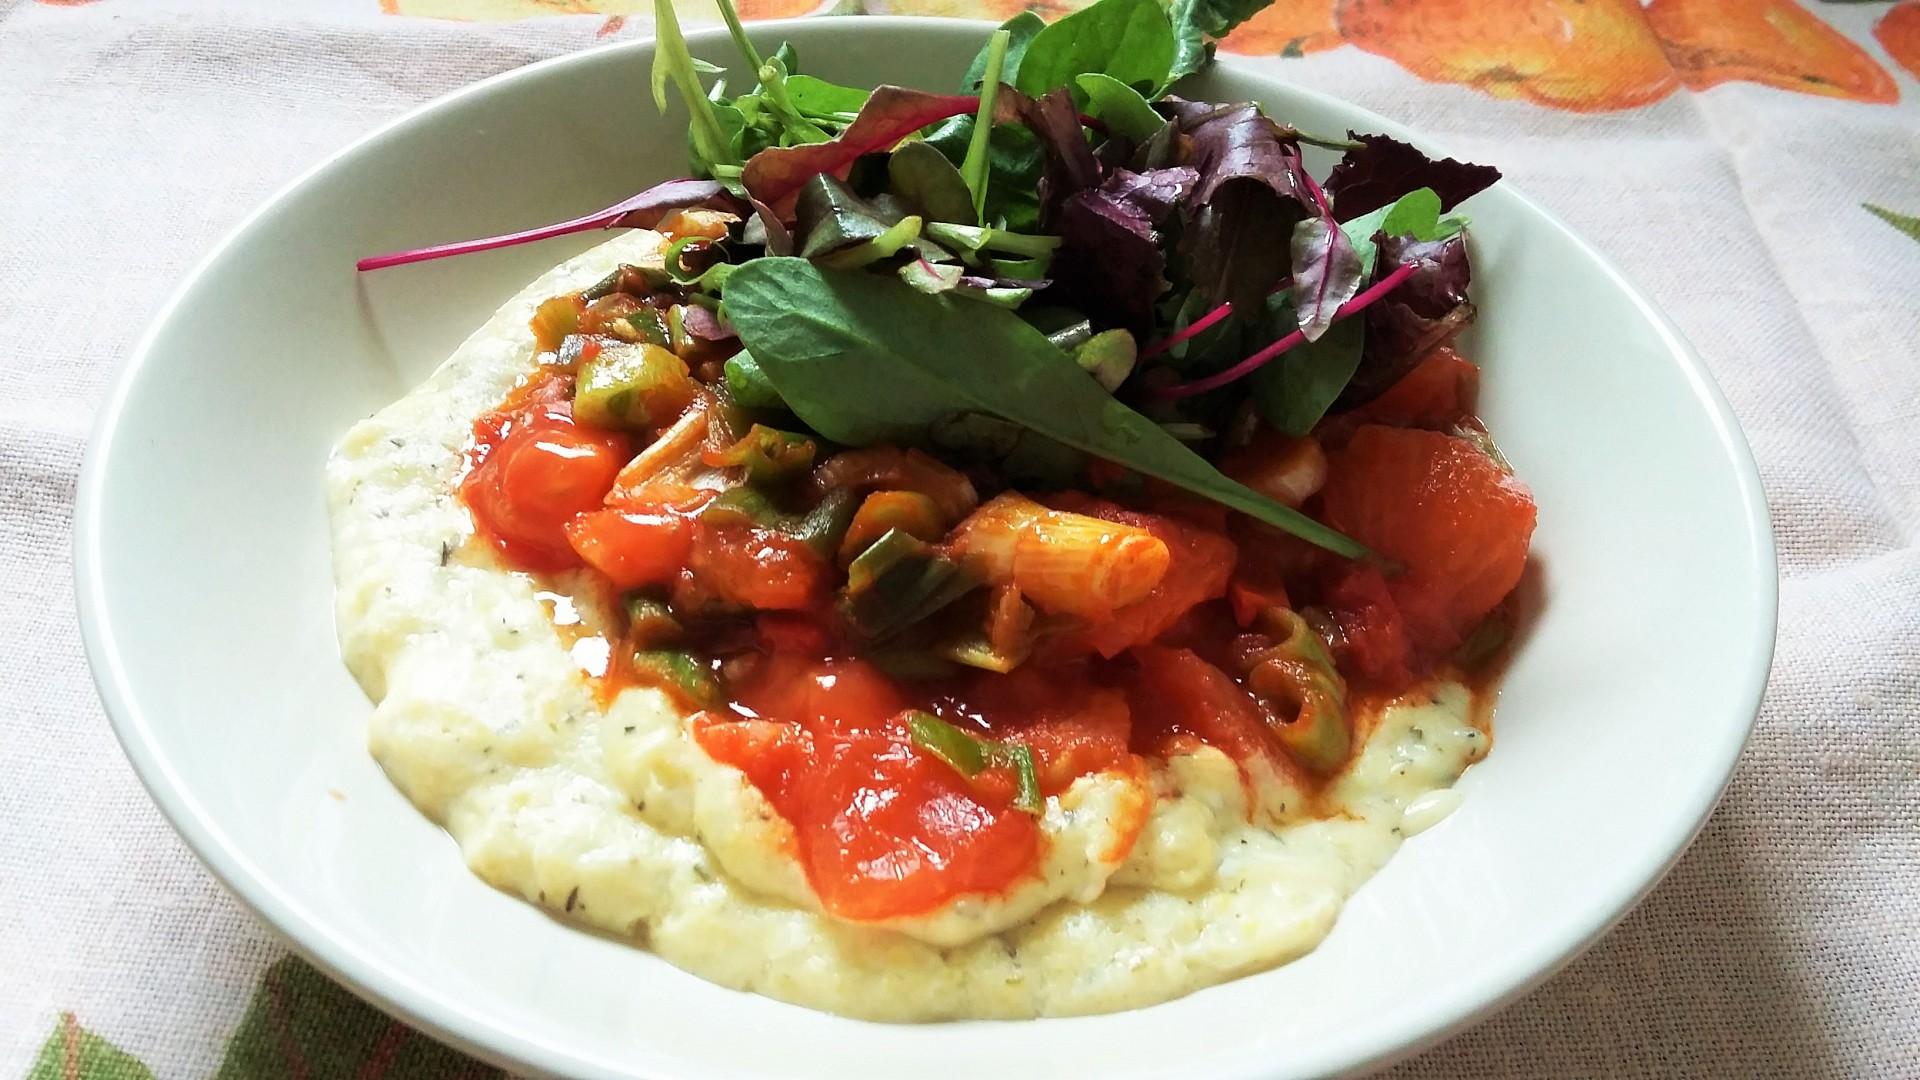 Vaječná polenta s rajčaty po provensálsku recept